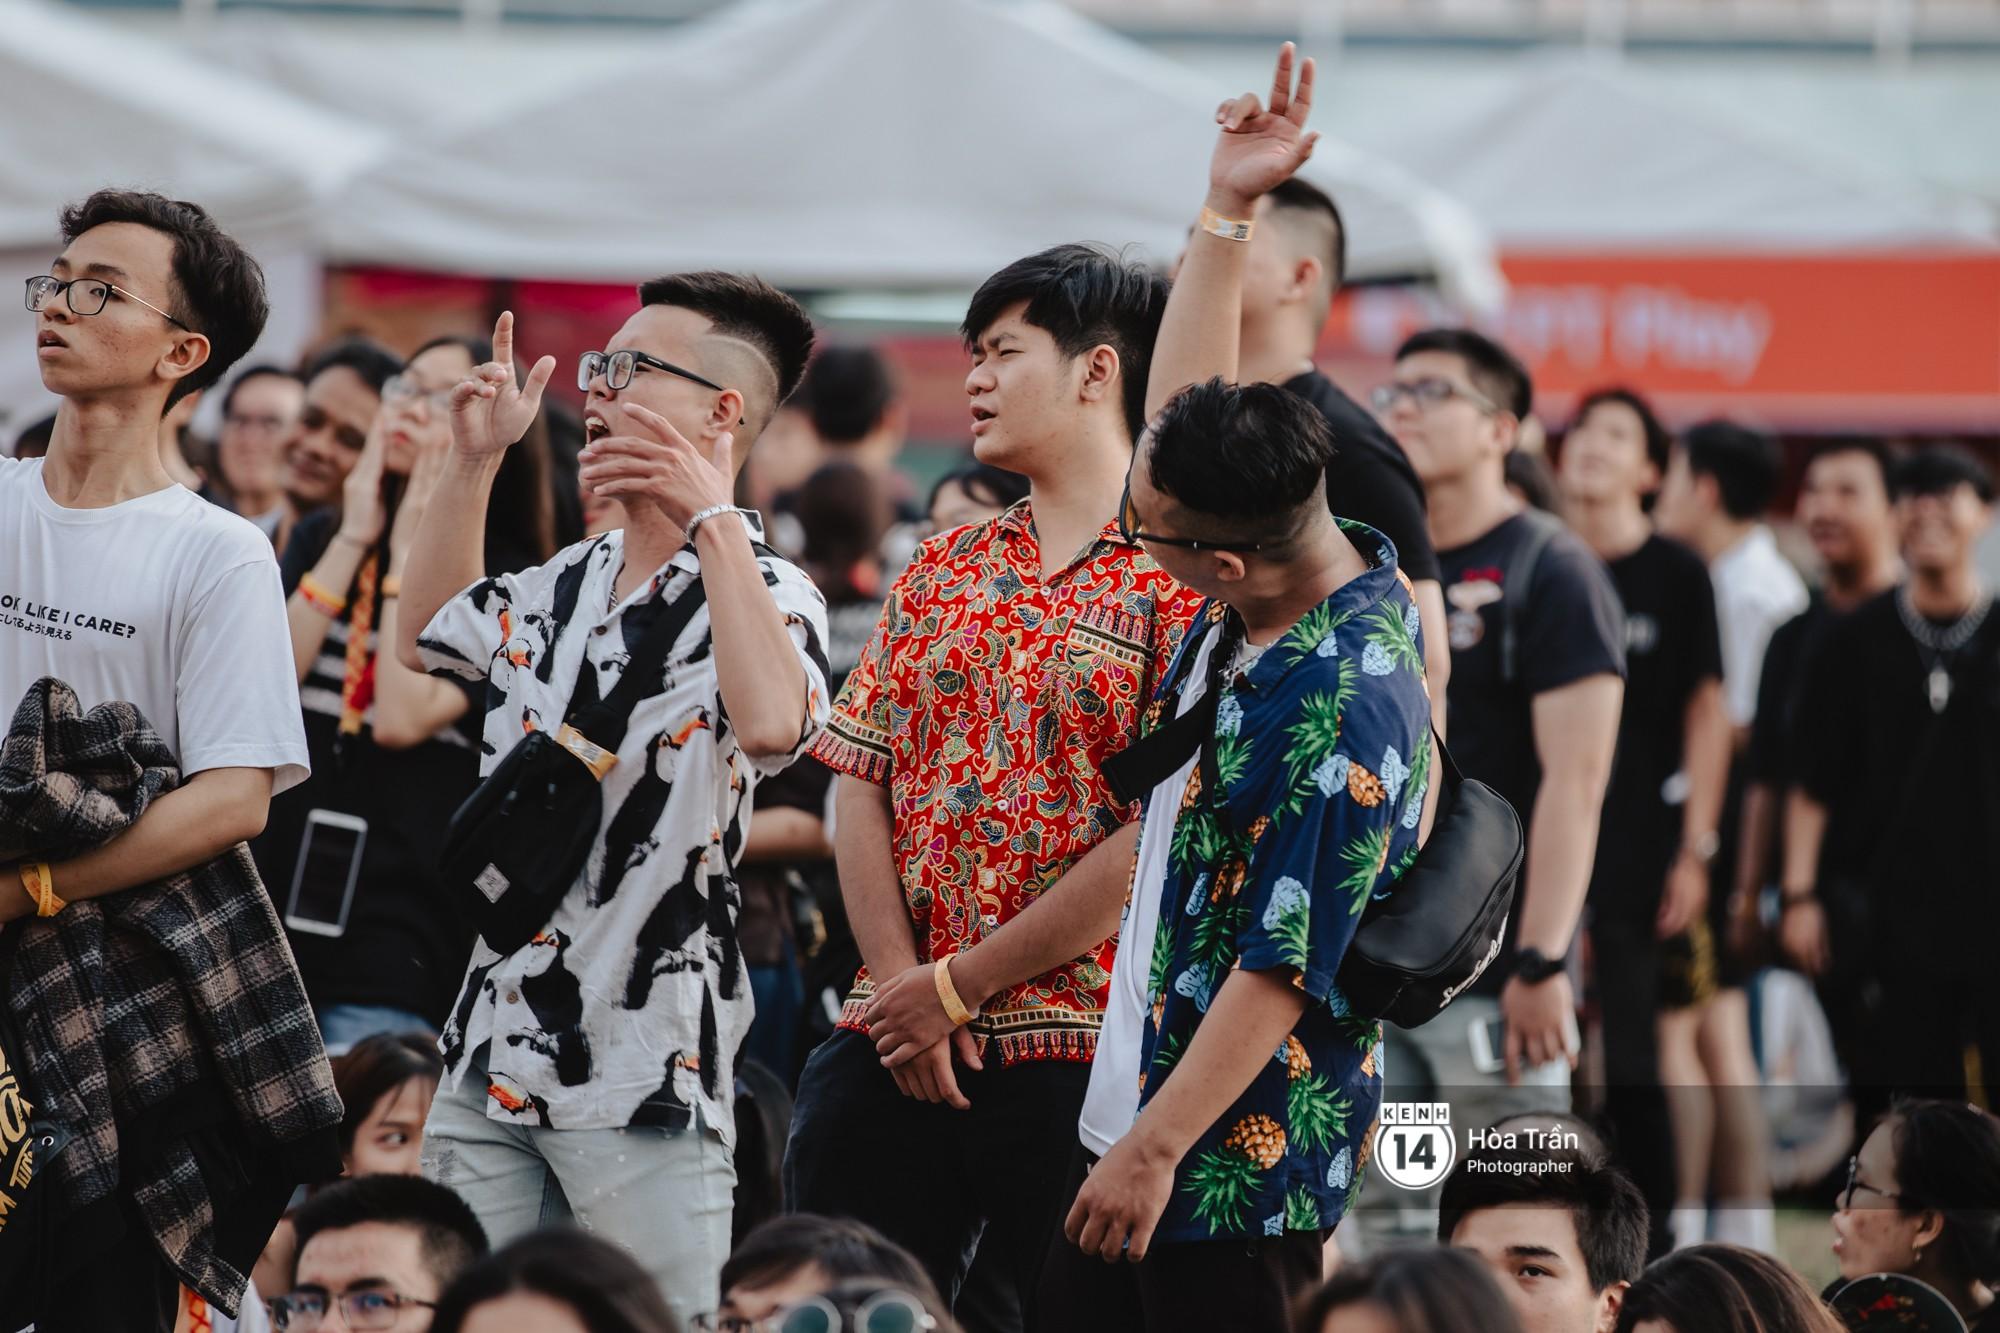 Giới trẻ Sài Gòn cùng loạt nghệ sĩ đình đám như Vũ, Đen Vâu, Suboi hoà mình vào bữa tiệc âm nhạc hoành tráng tại Thơm Music Festival - Ảnh 16.